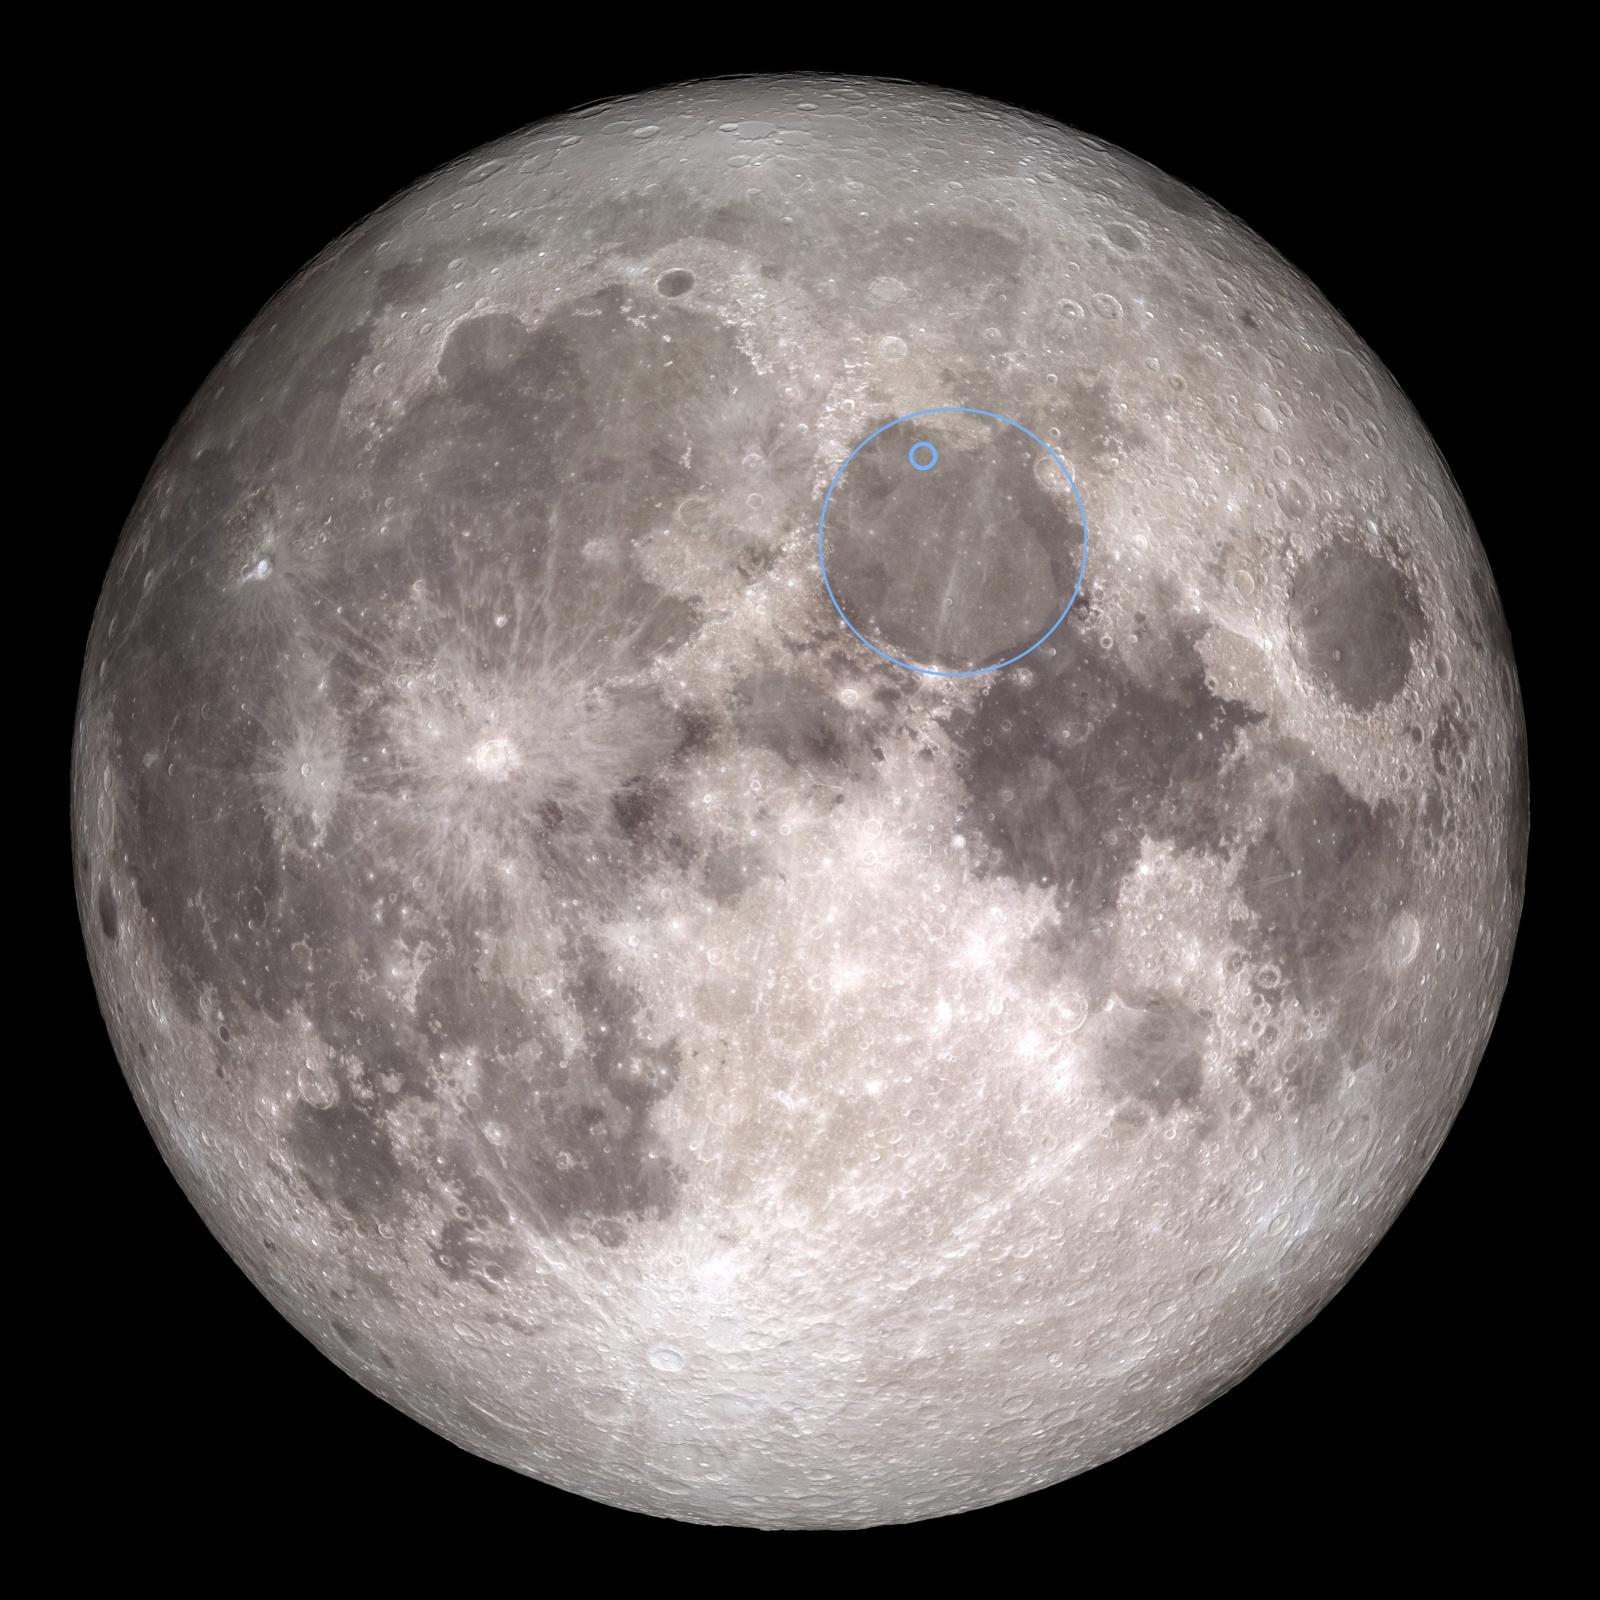 Найдено место падения аппарата «Берешит» на Луну - 11